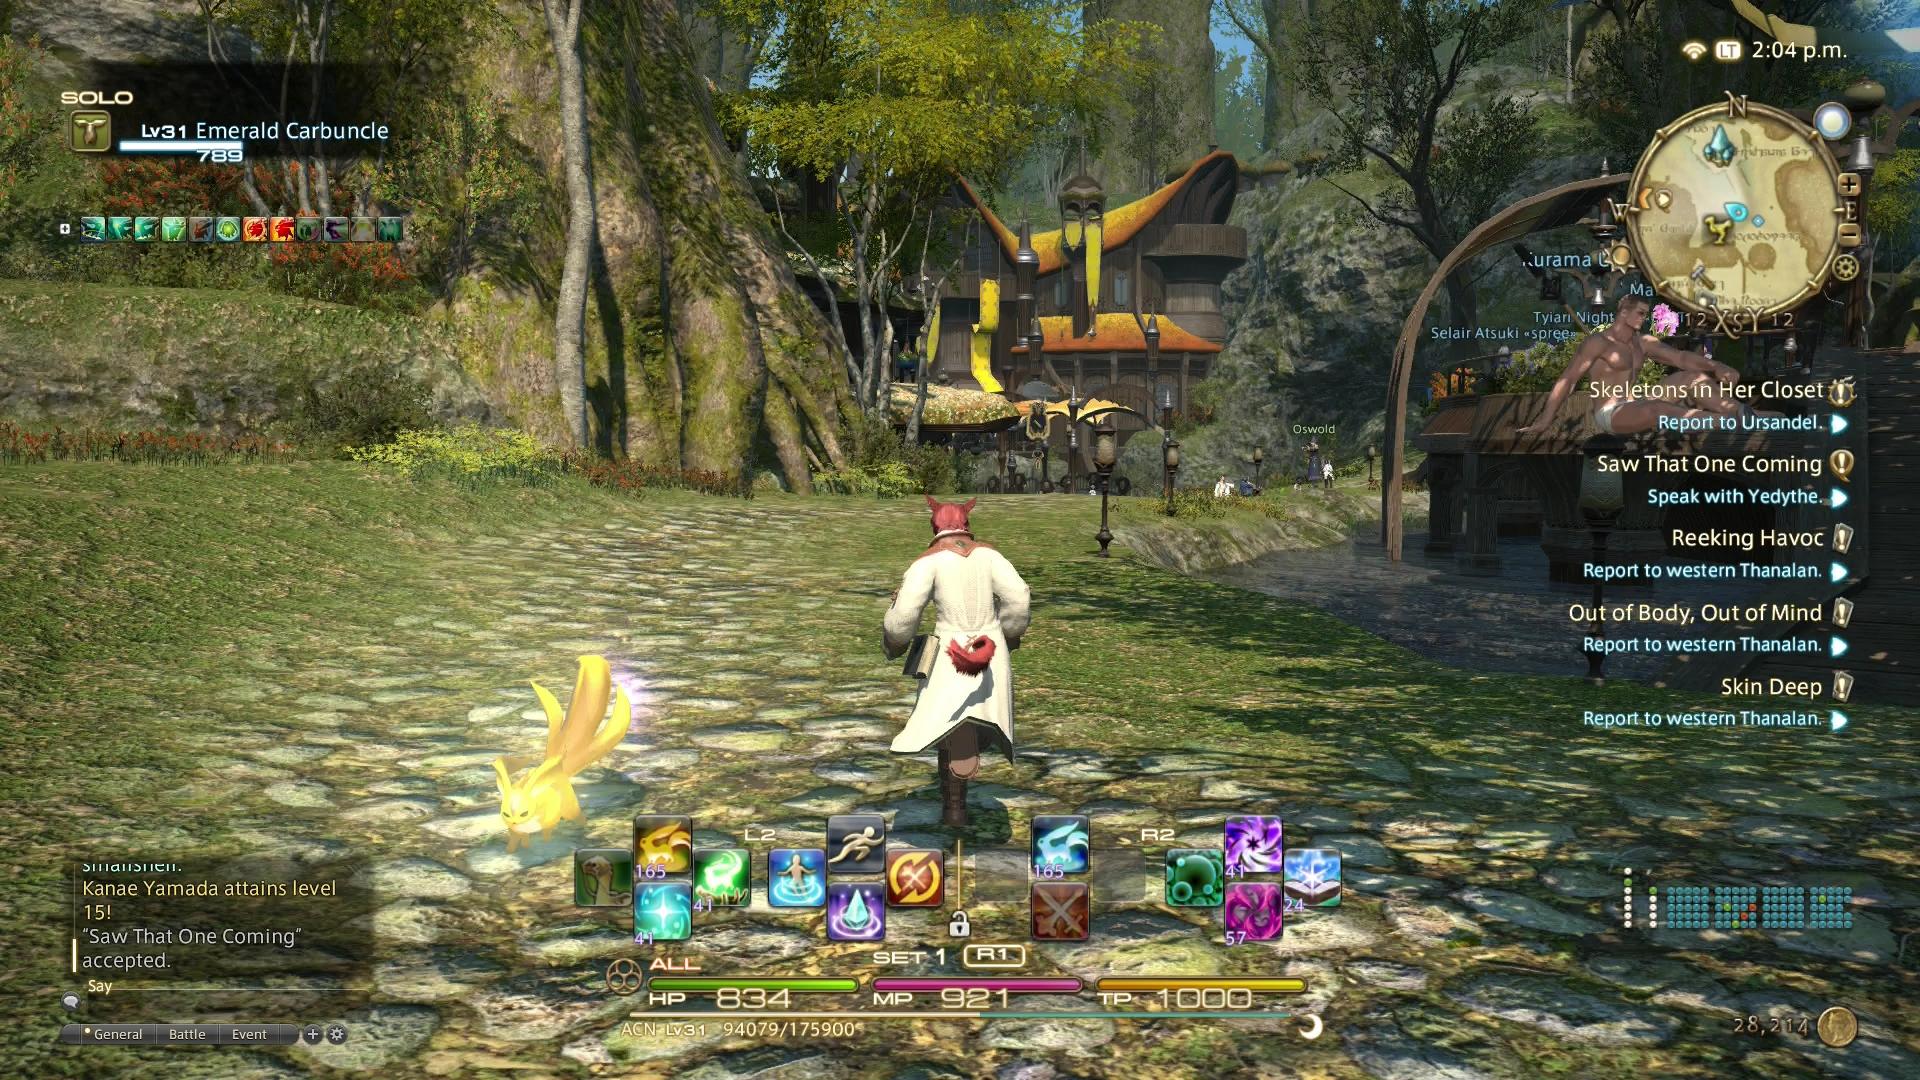 'Final Fantasy XIV' Patch 4.1.